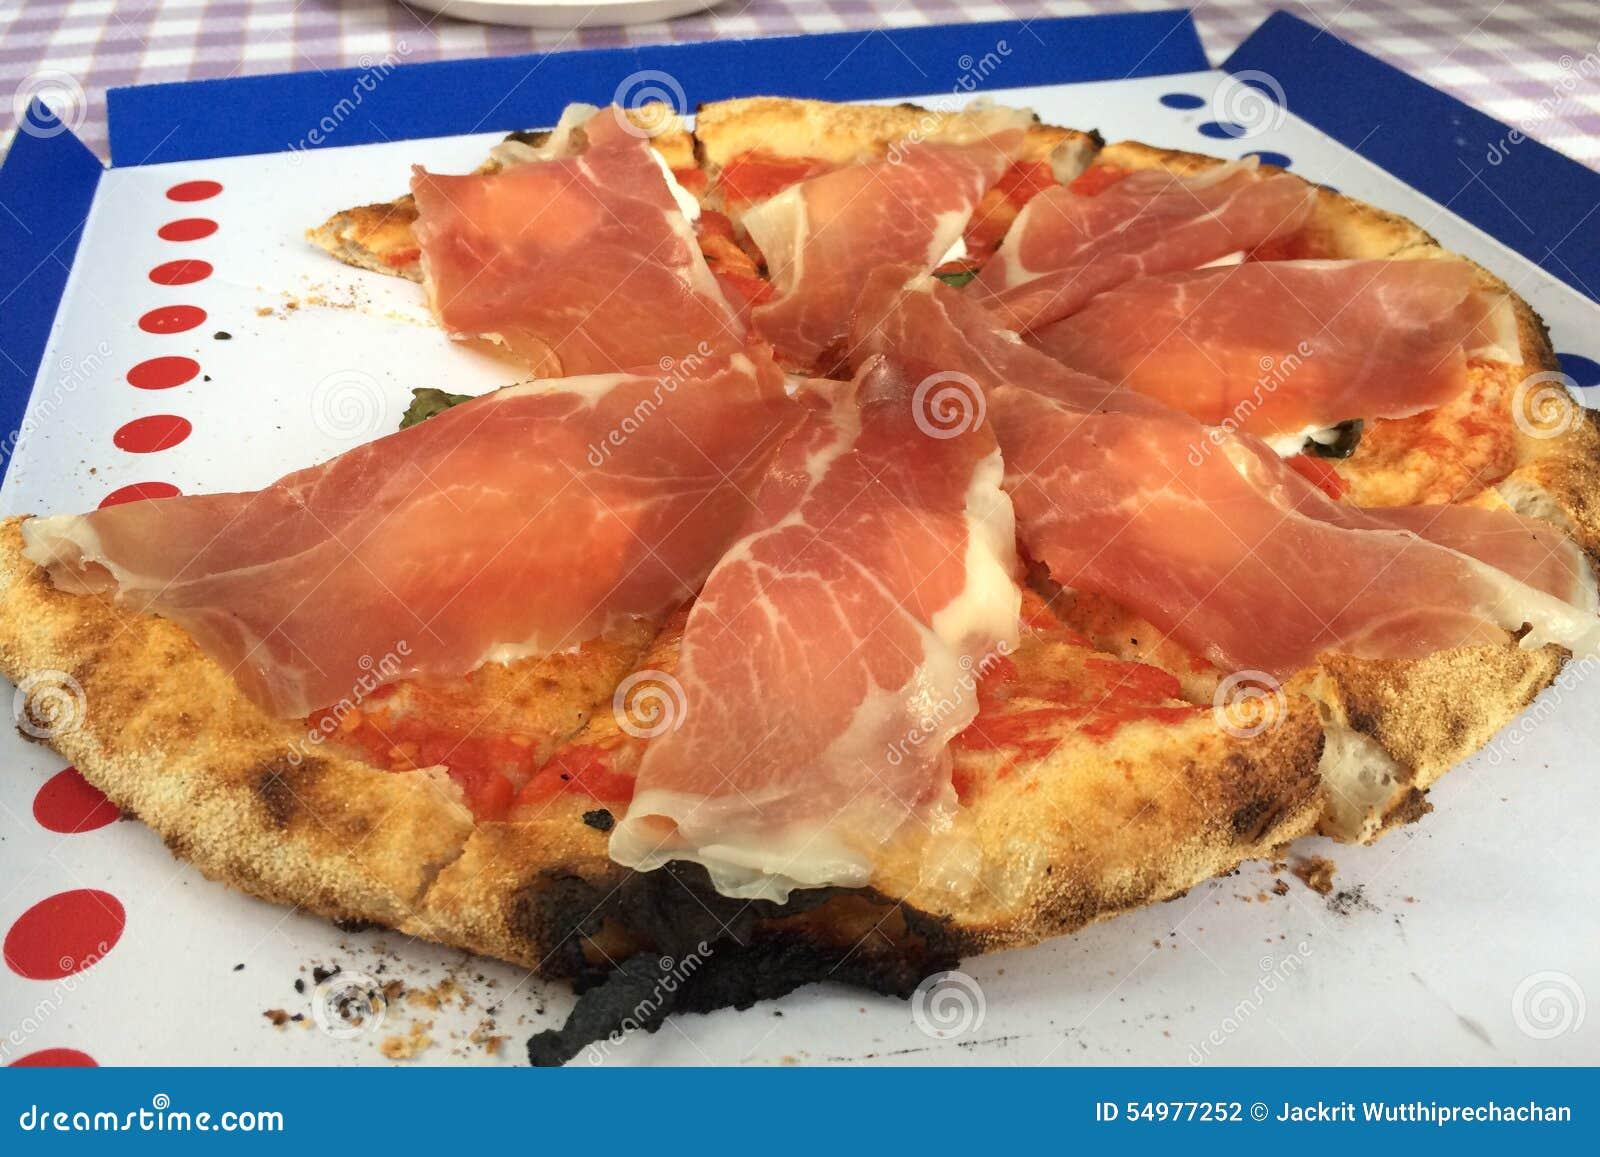 Parma Ham Italian Pizza